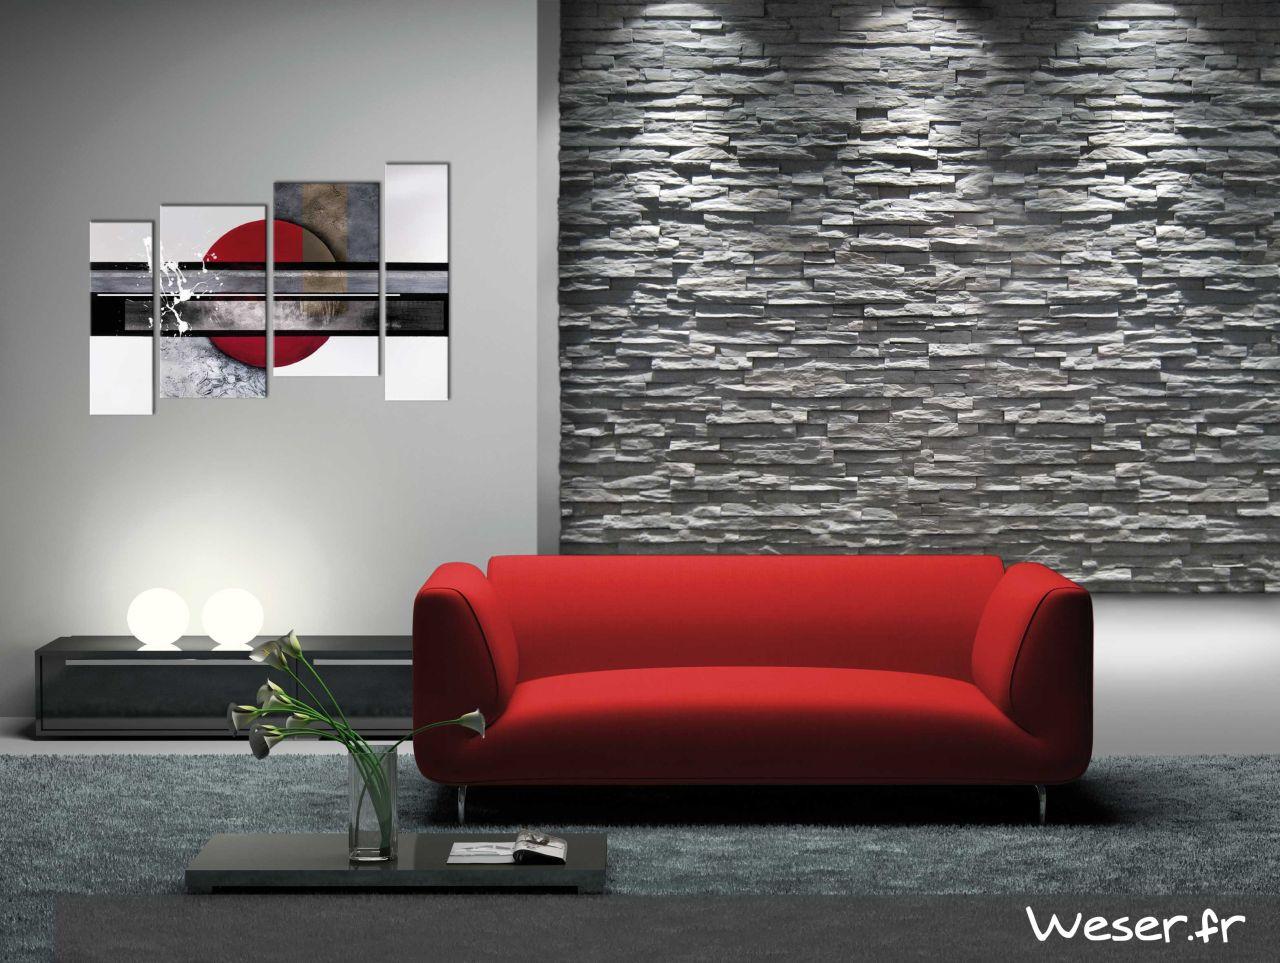 Plaquettes de parement muraux De Ryck By Weser STRATO Gris anthracite DRPKGM89